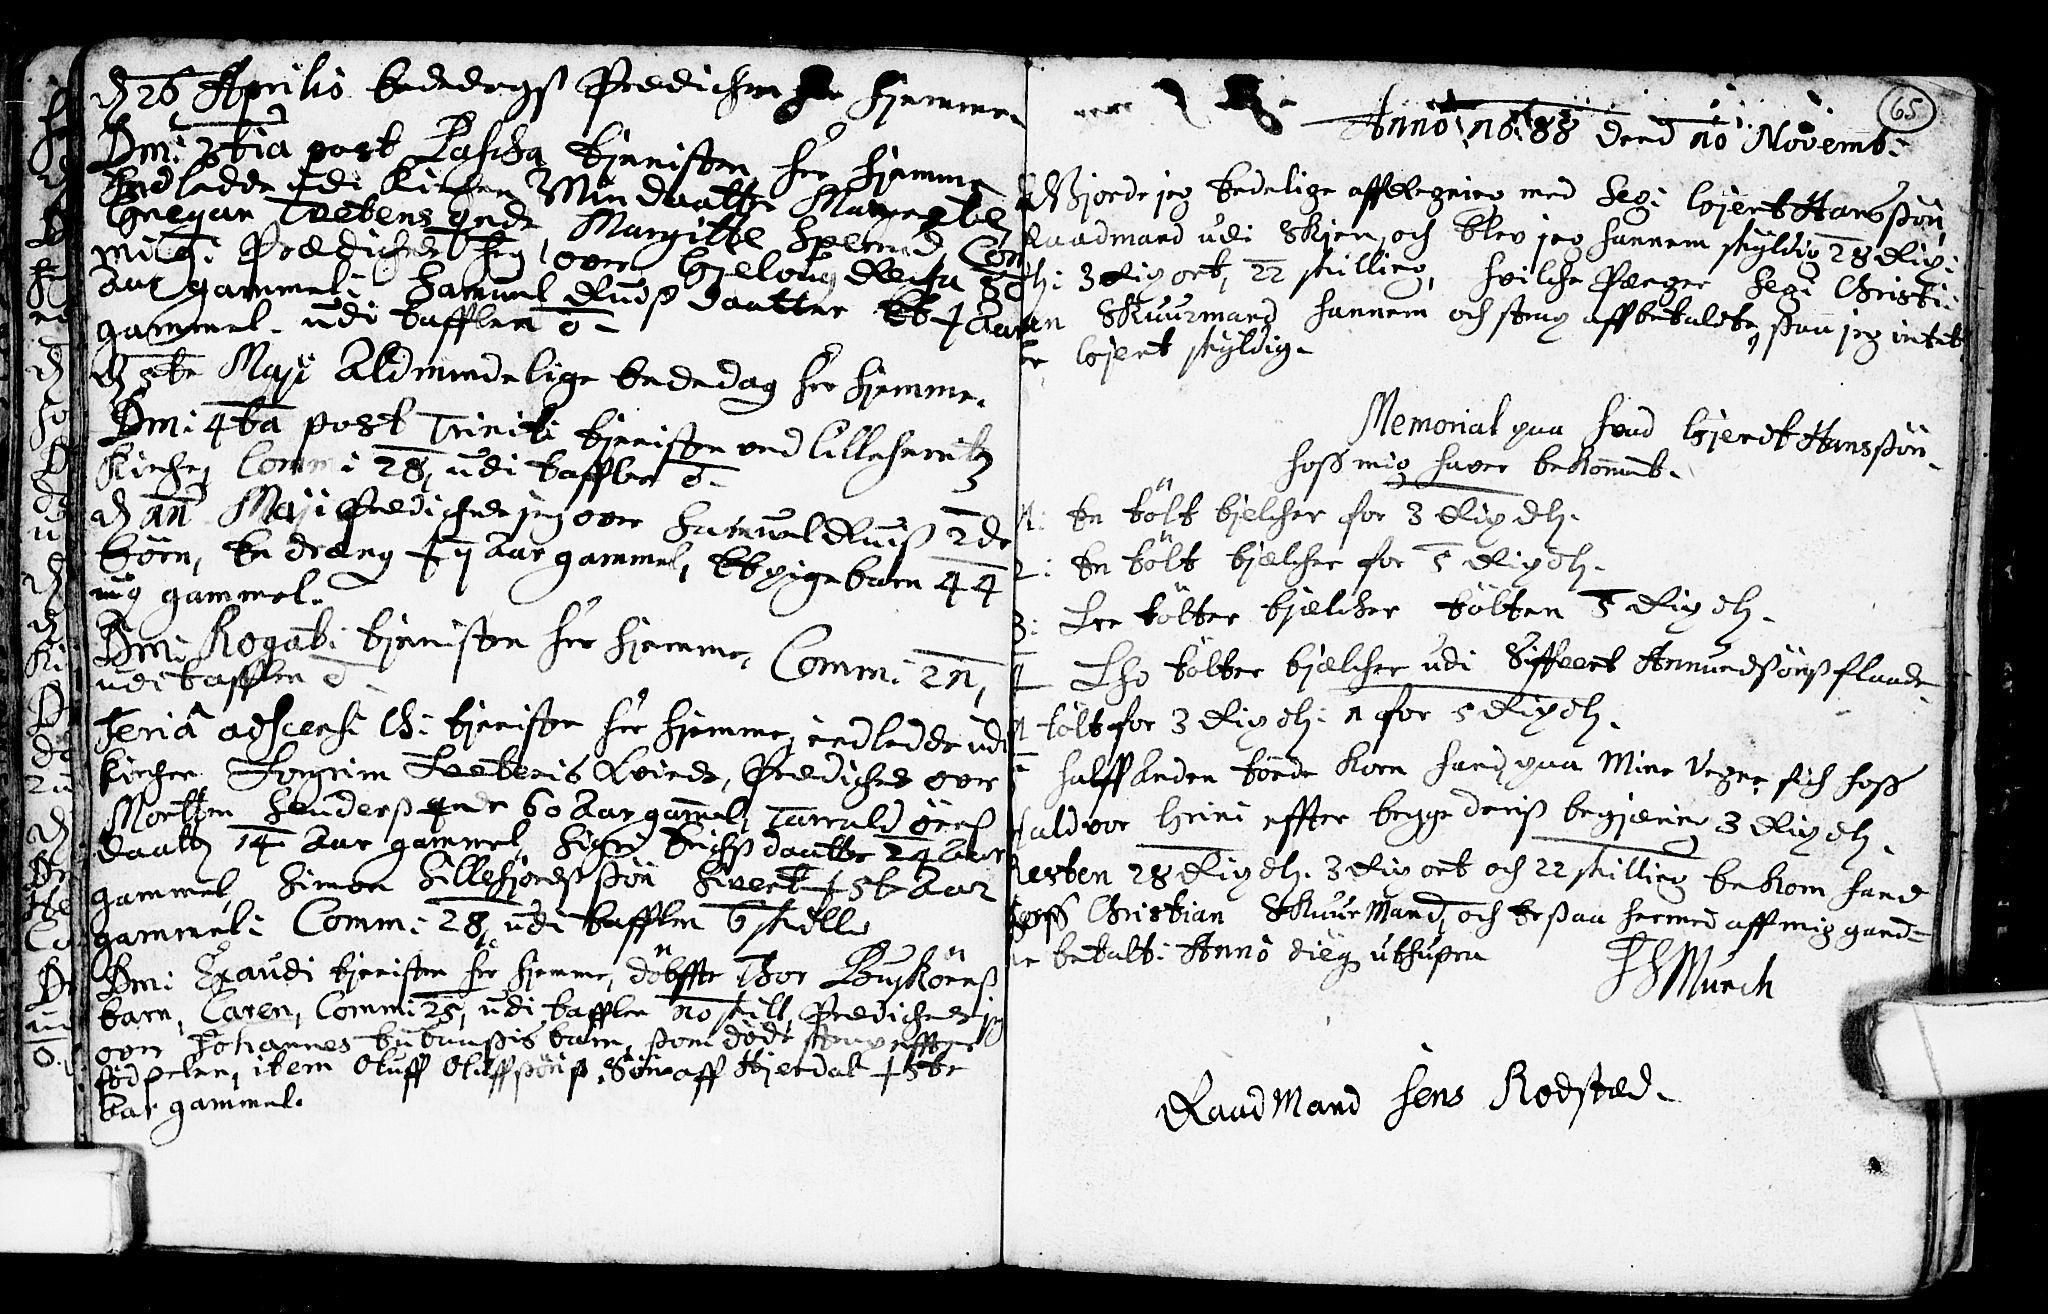 SAKO, Heddal kirkebøker, F/Fa/L0001: Ministerialbok nr. I 1, 1648-1699, s. 65